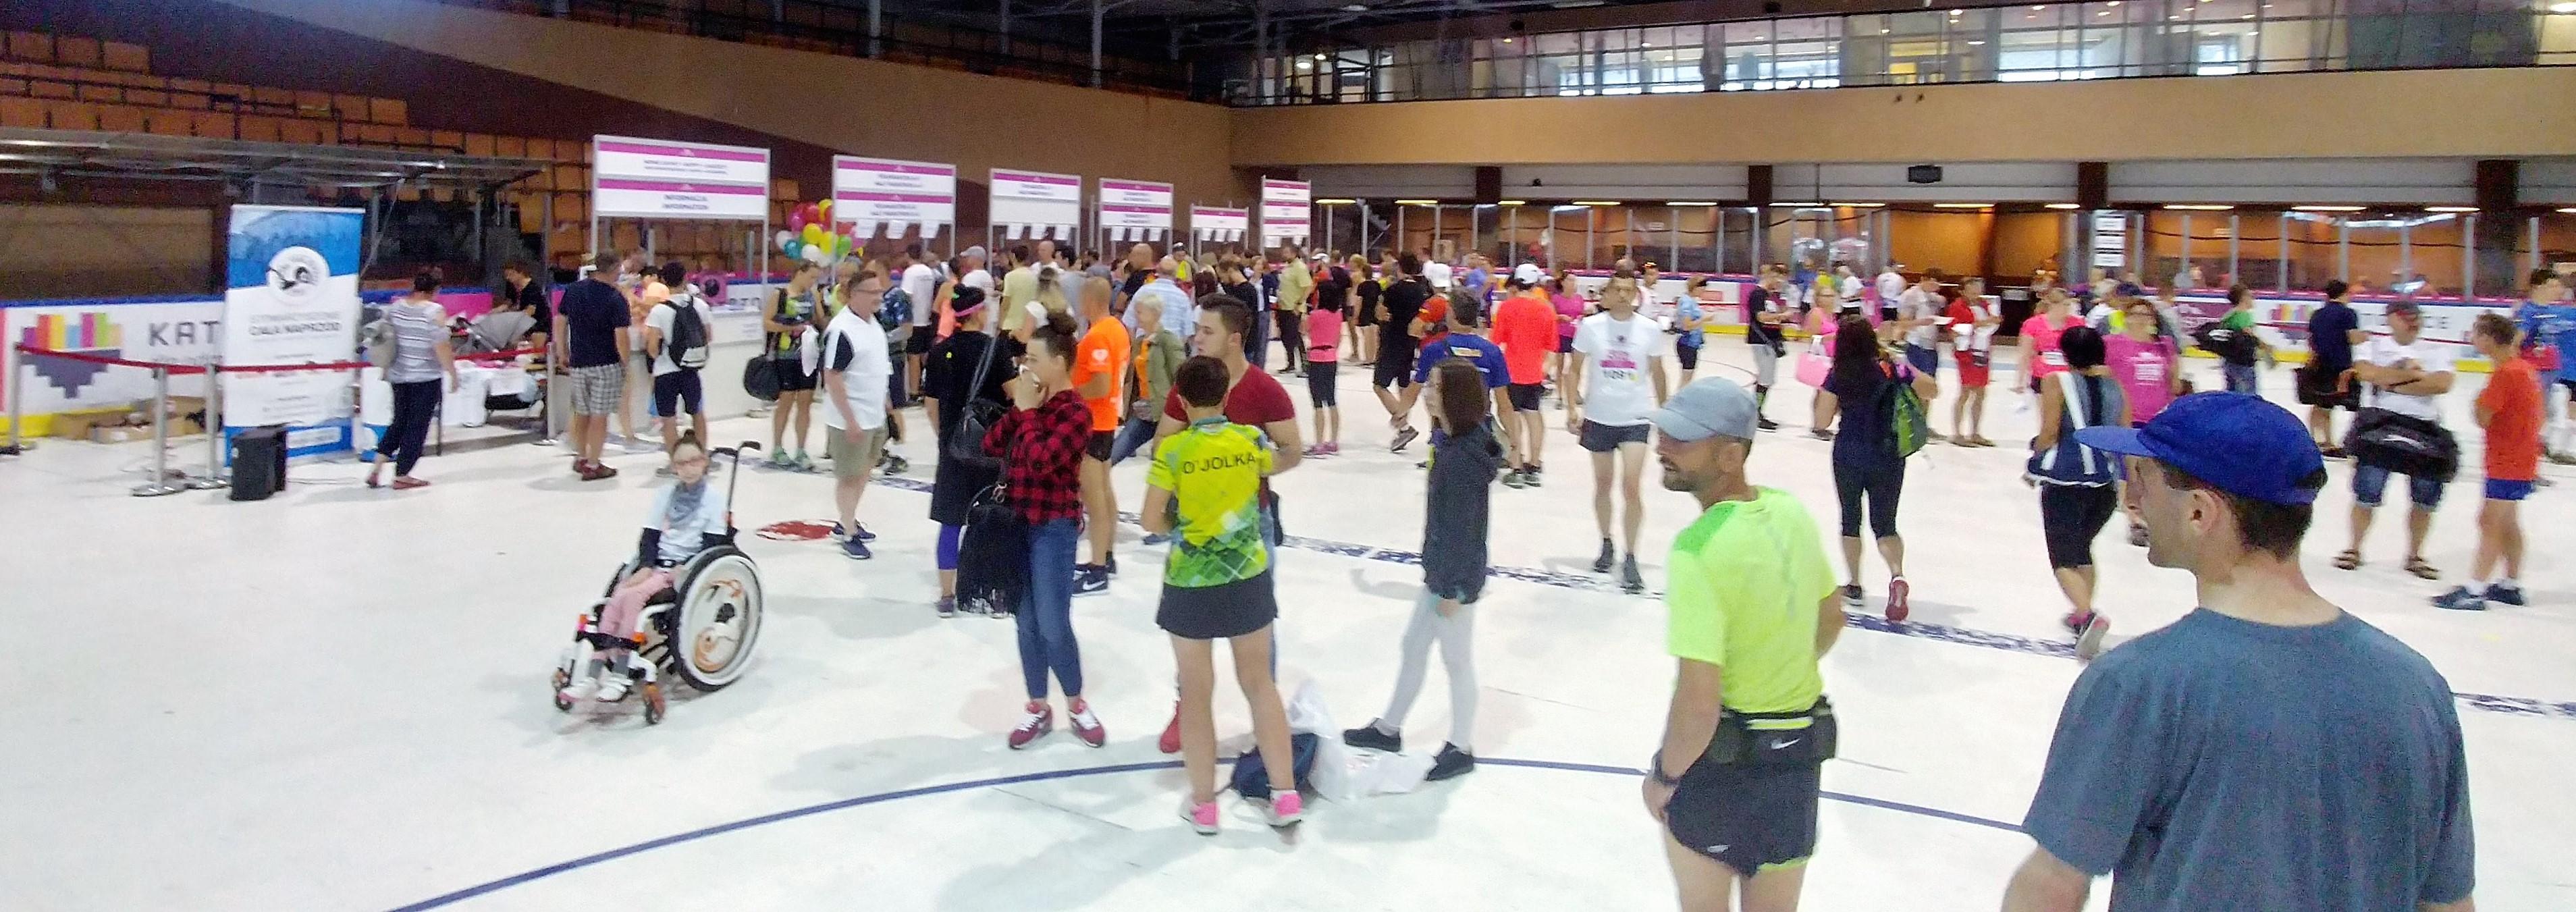 biuro zawodów płyta lodowiska Wizz air Katowice Half Marathon